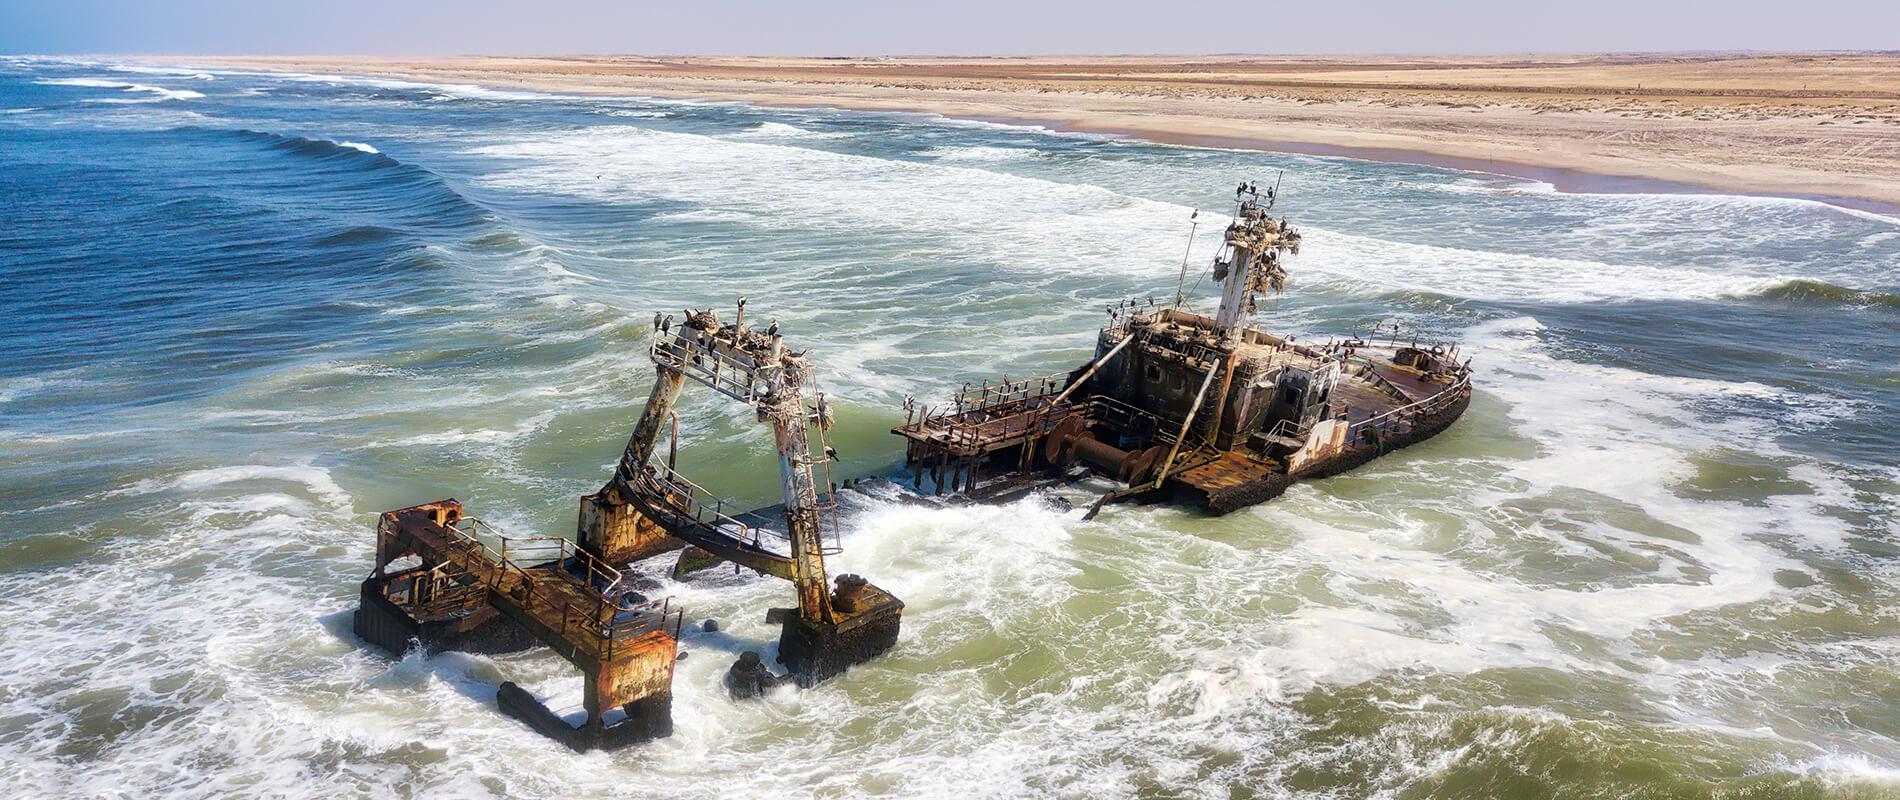 La Skeleton Coast, il tratto costiero più ostile della Namibia